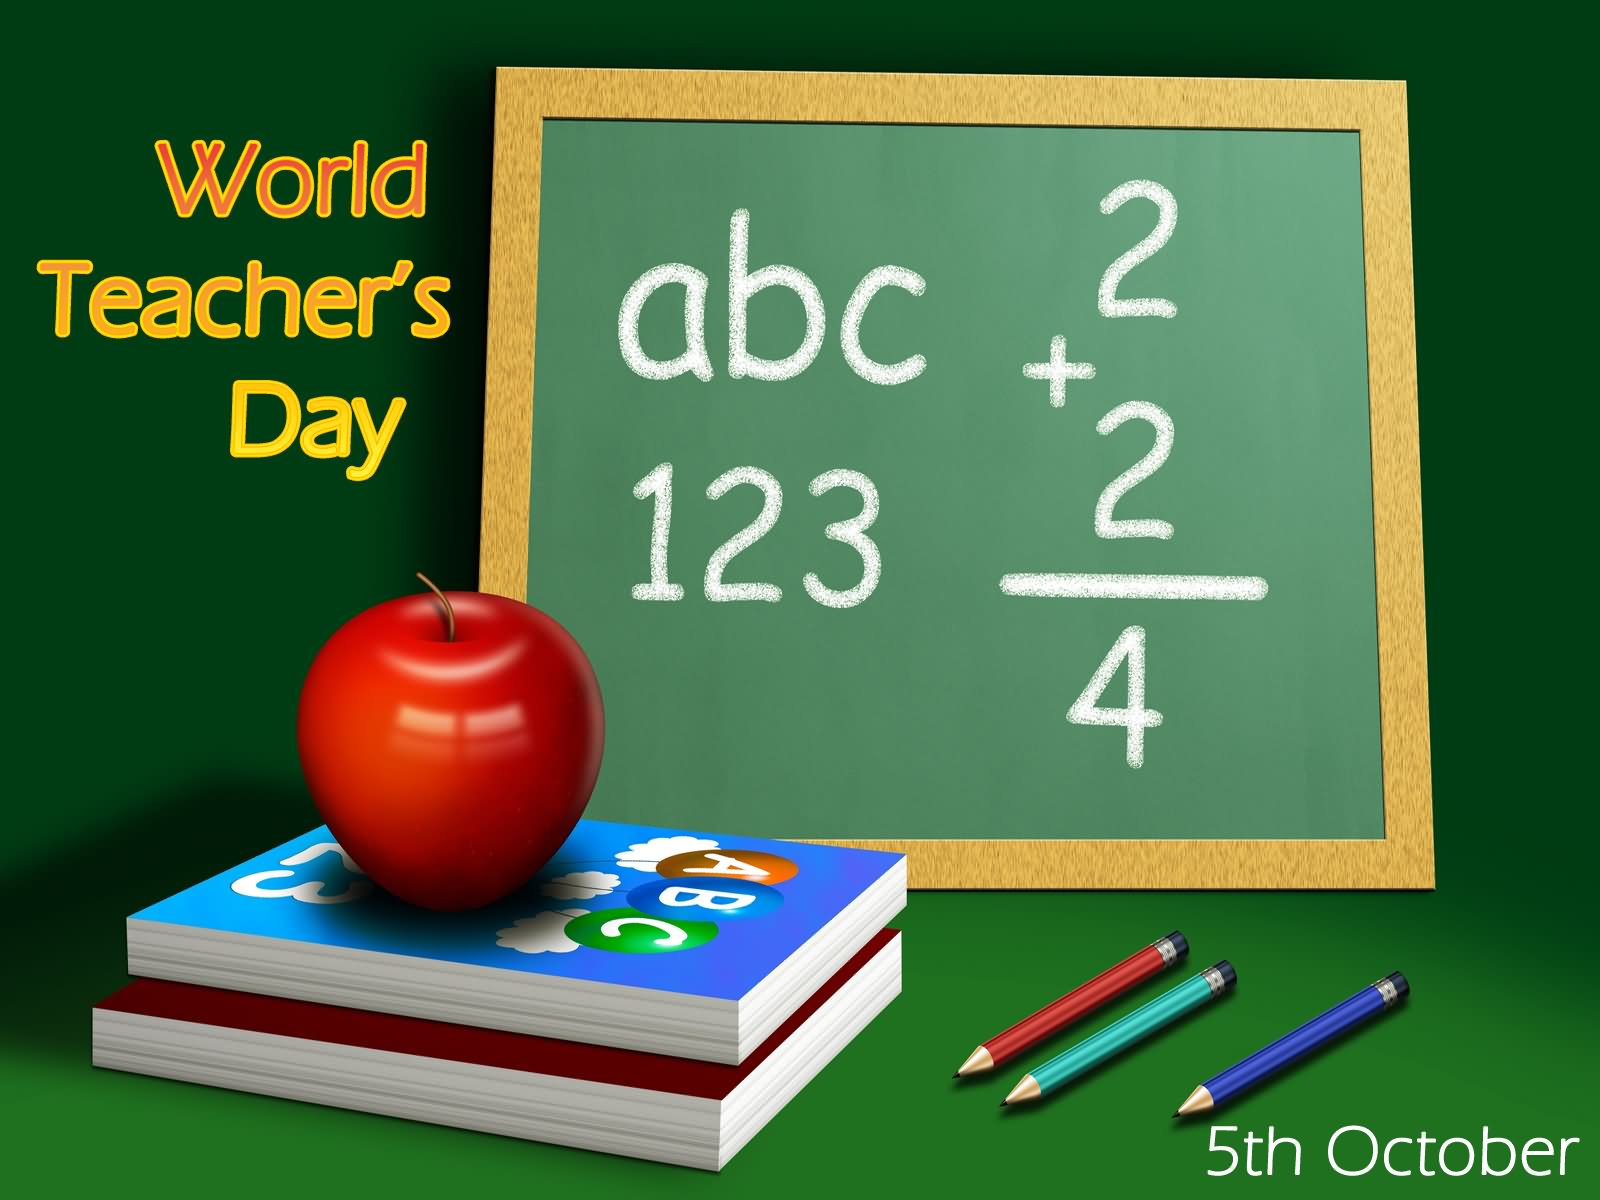 World Teacher's Day Kid Wishes Image